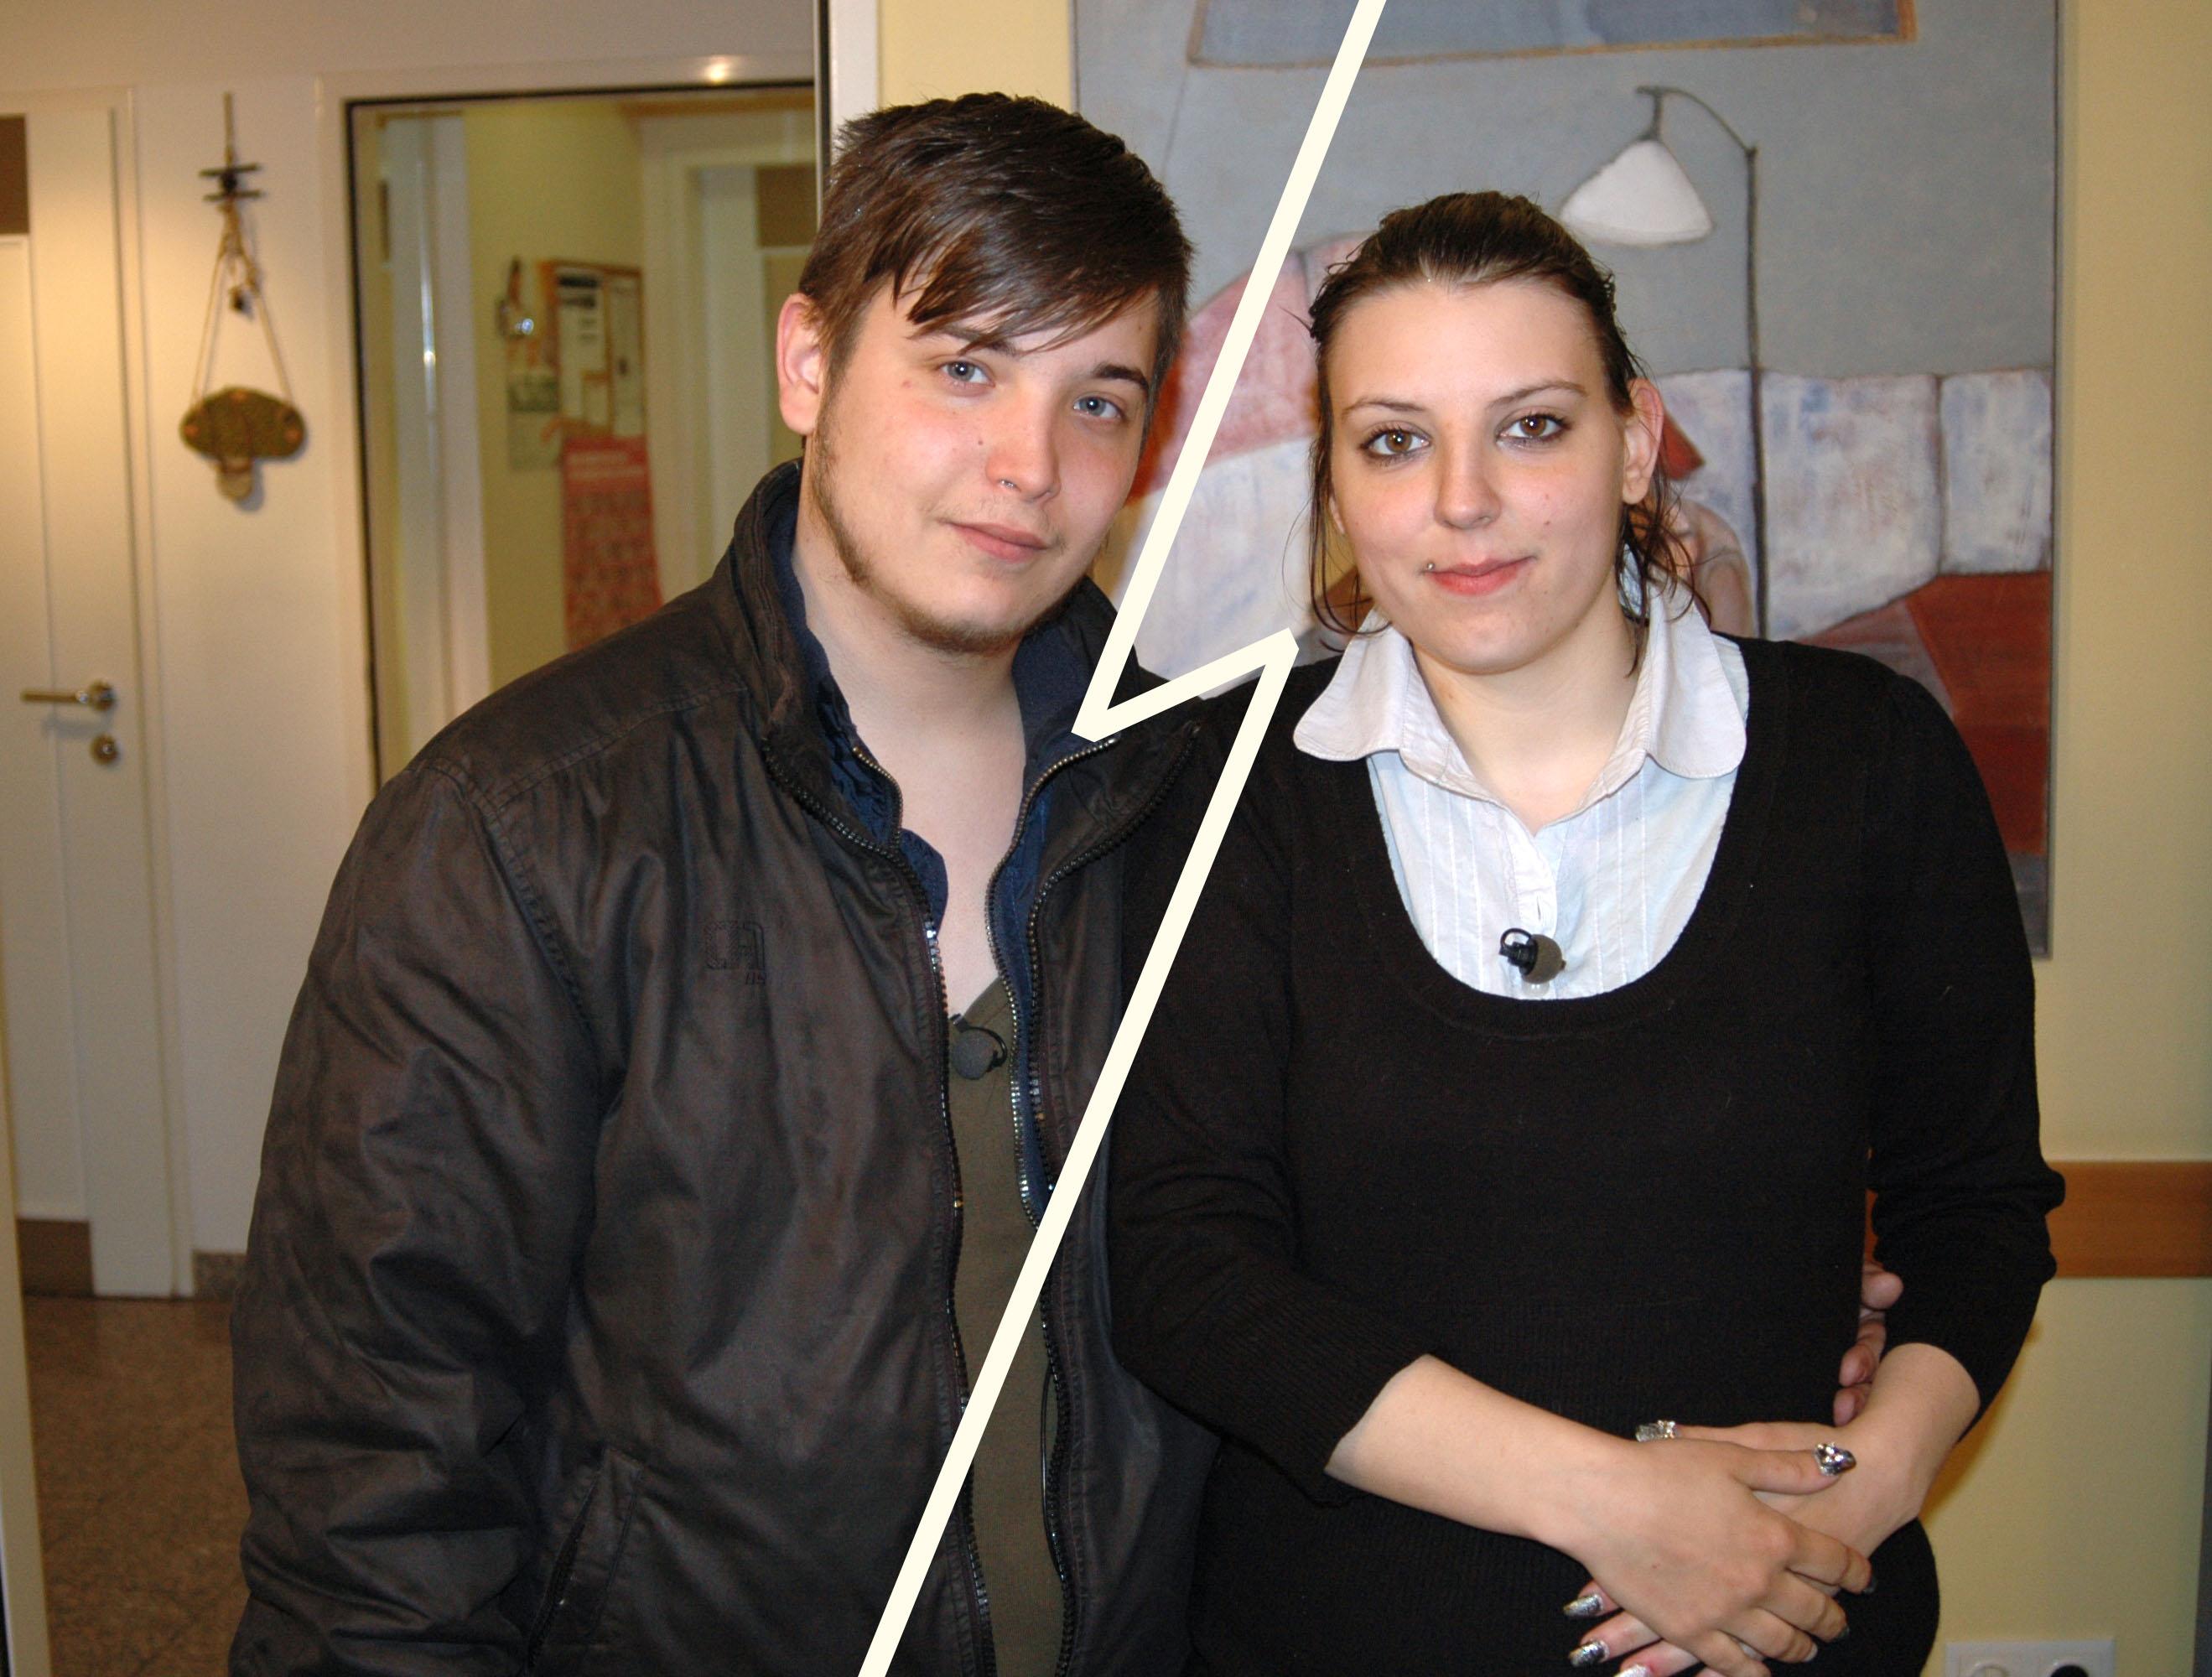 Kerstin und Marcel präsentieren ihre neuen Partner